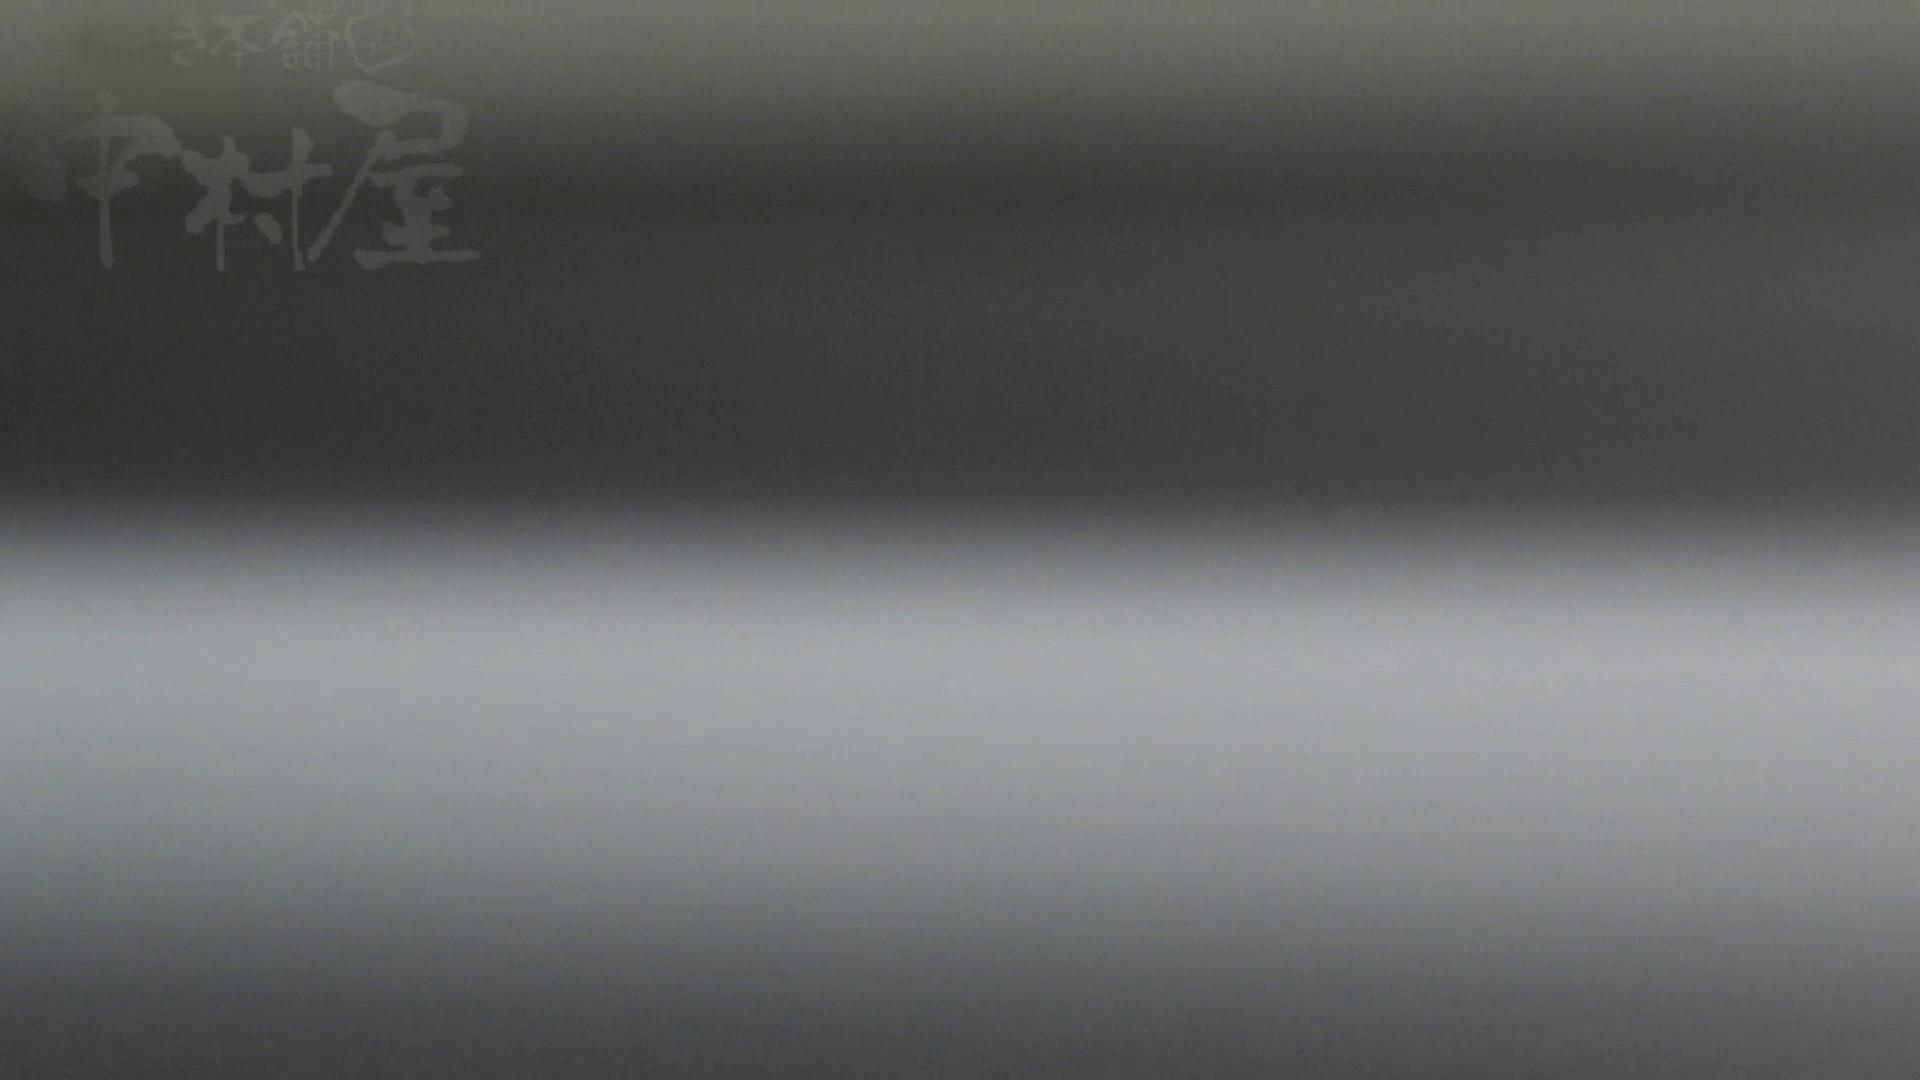 美しい日本の未来 No.22 未来進歩3 感動レベル予告のモデルつい登場か!! 0  105pic 42